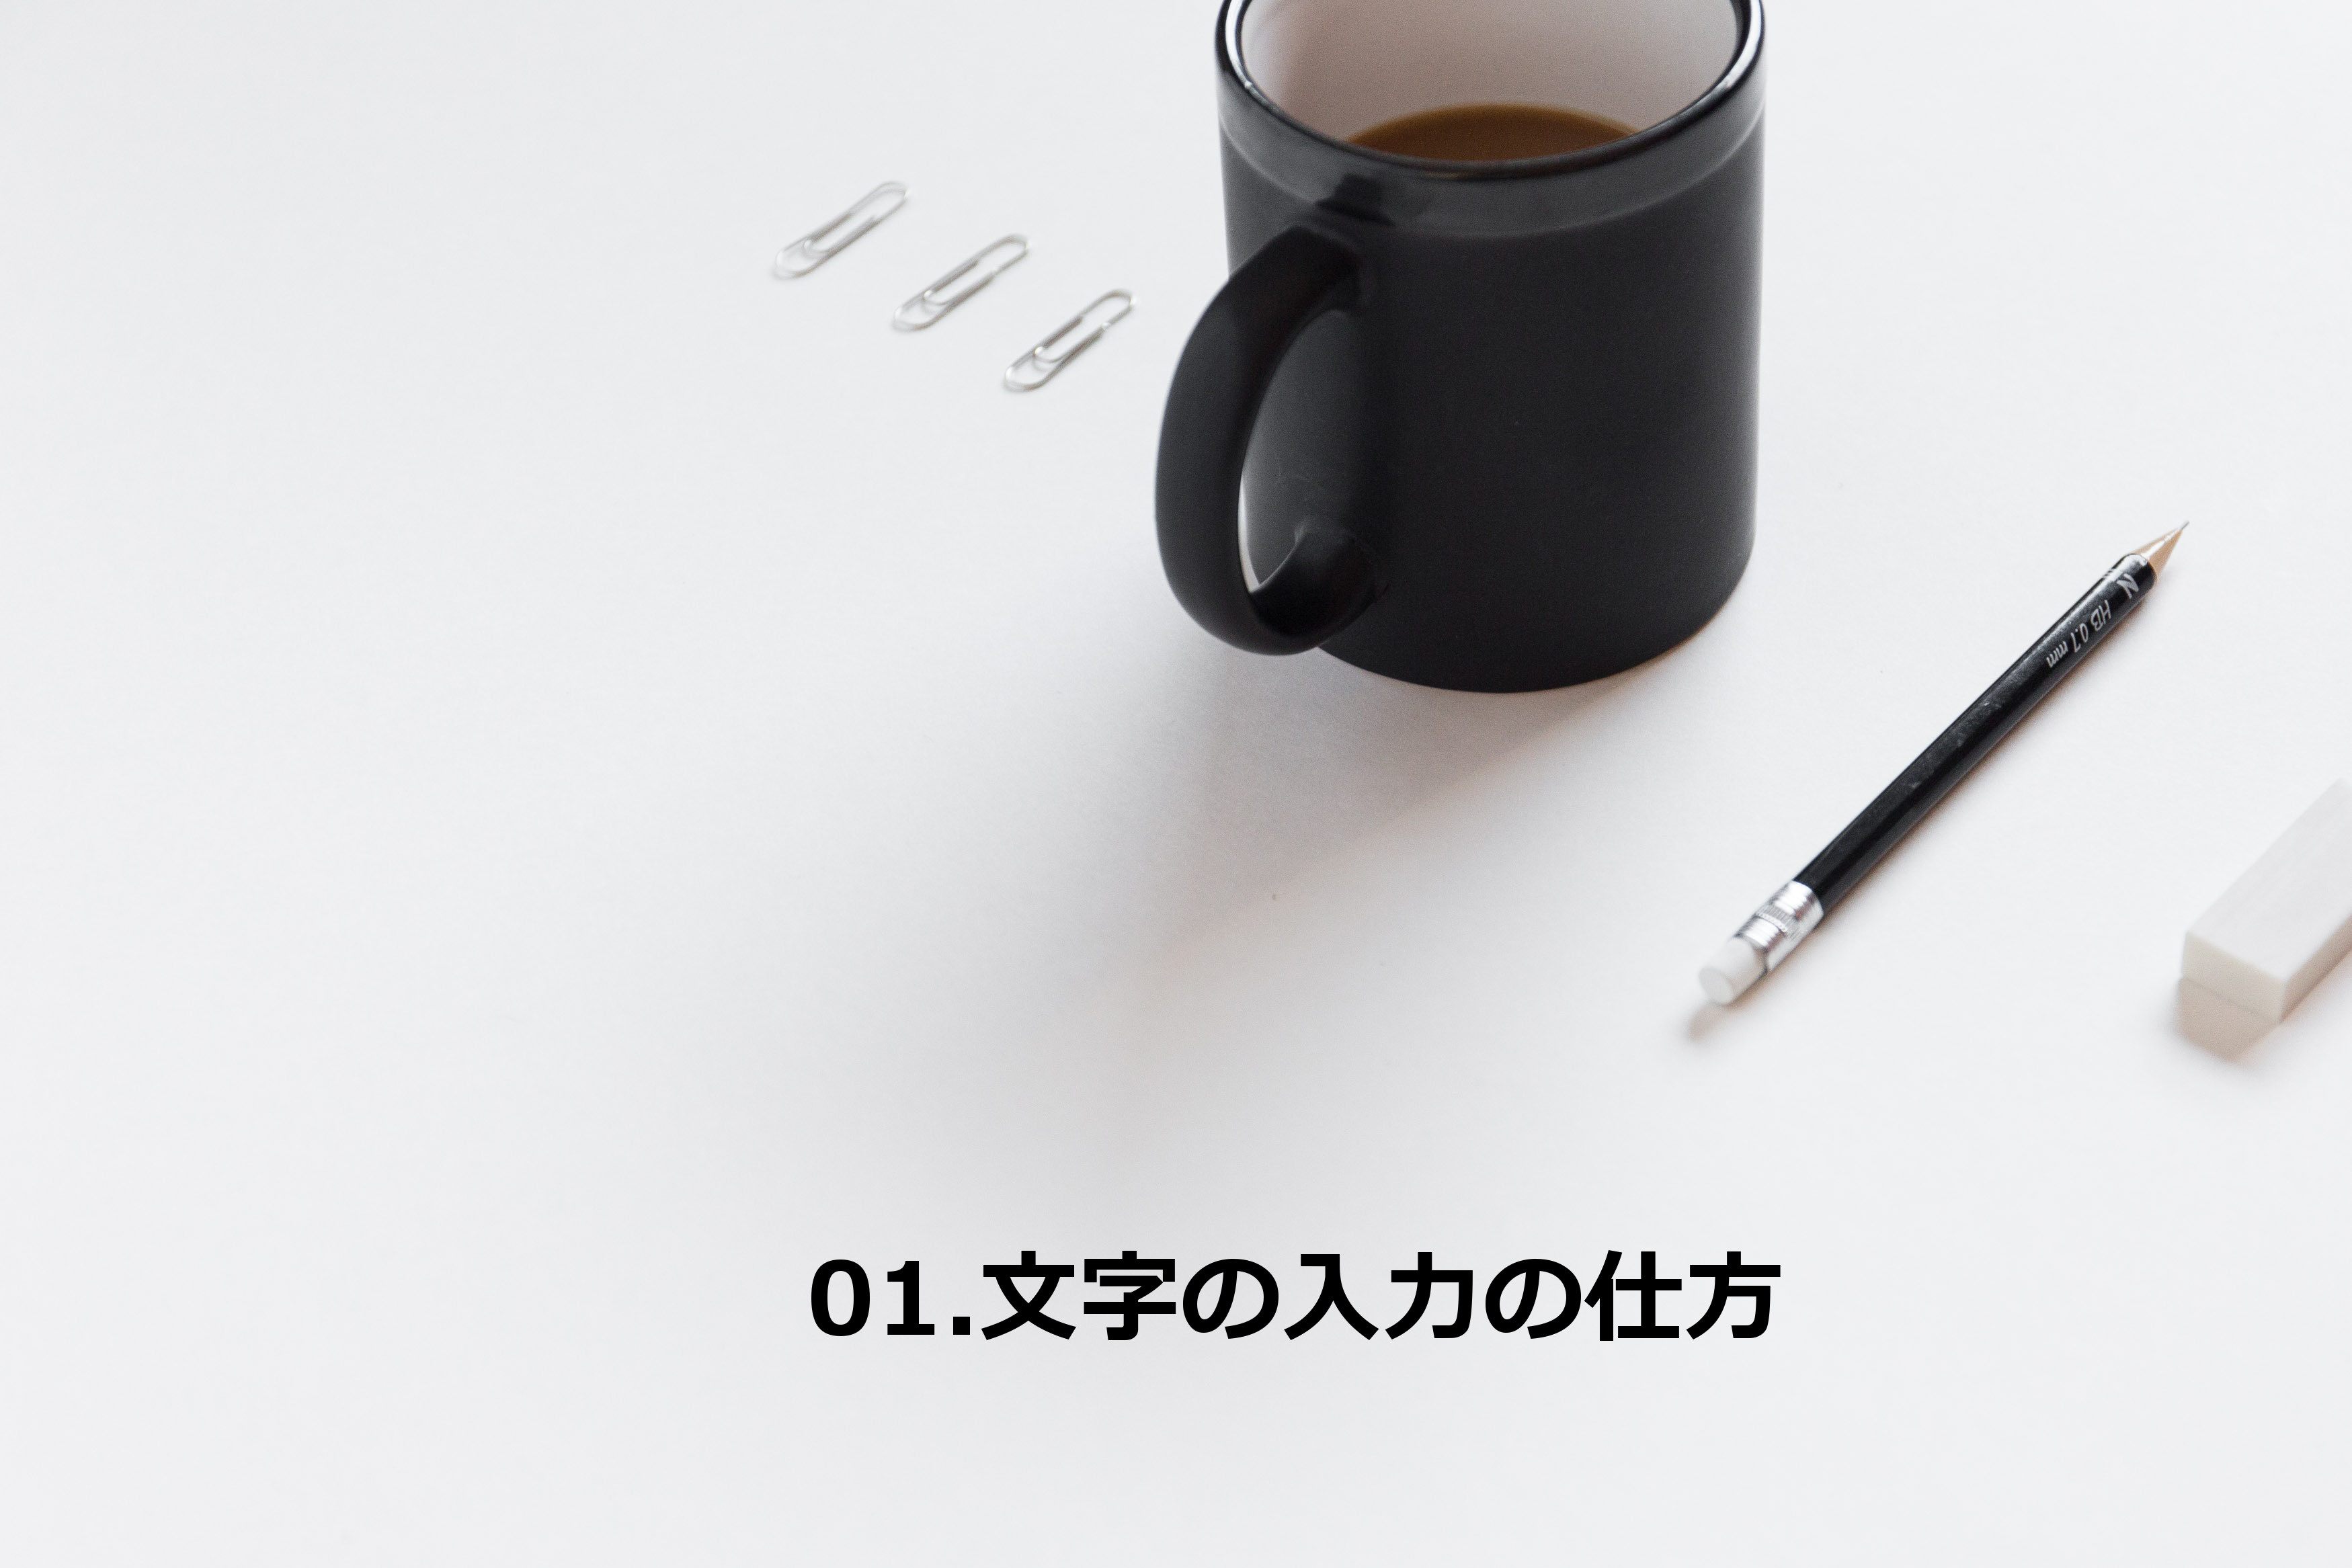 01.文字入力の仕方